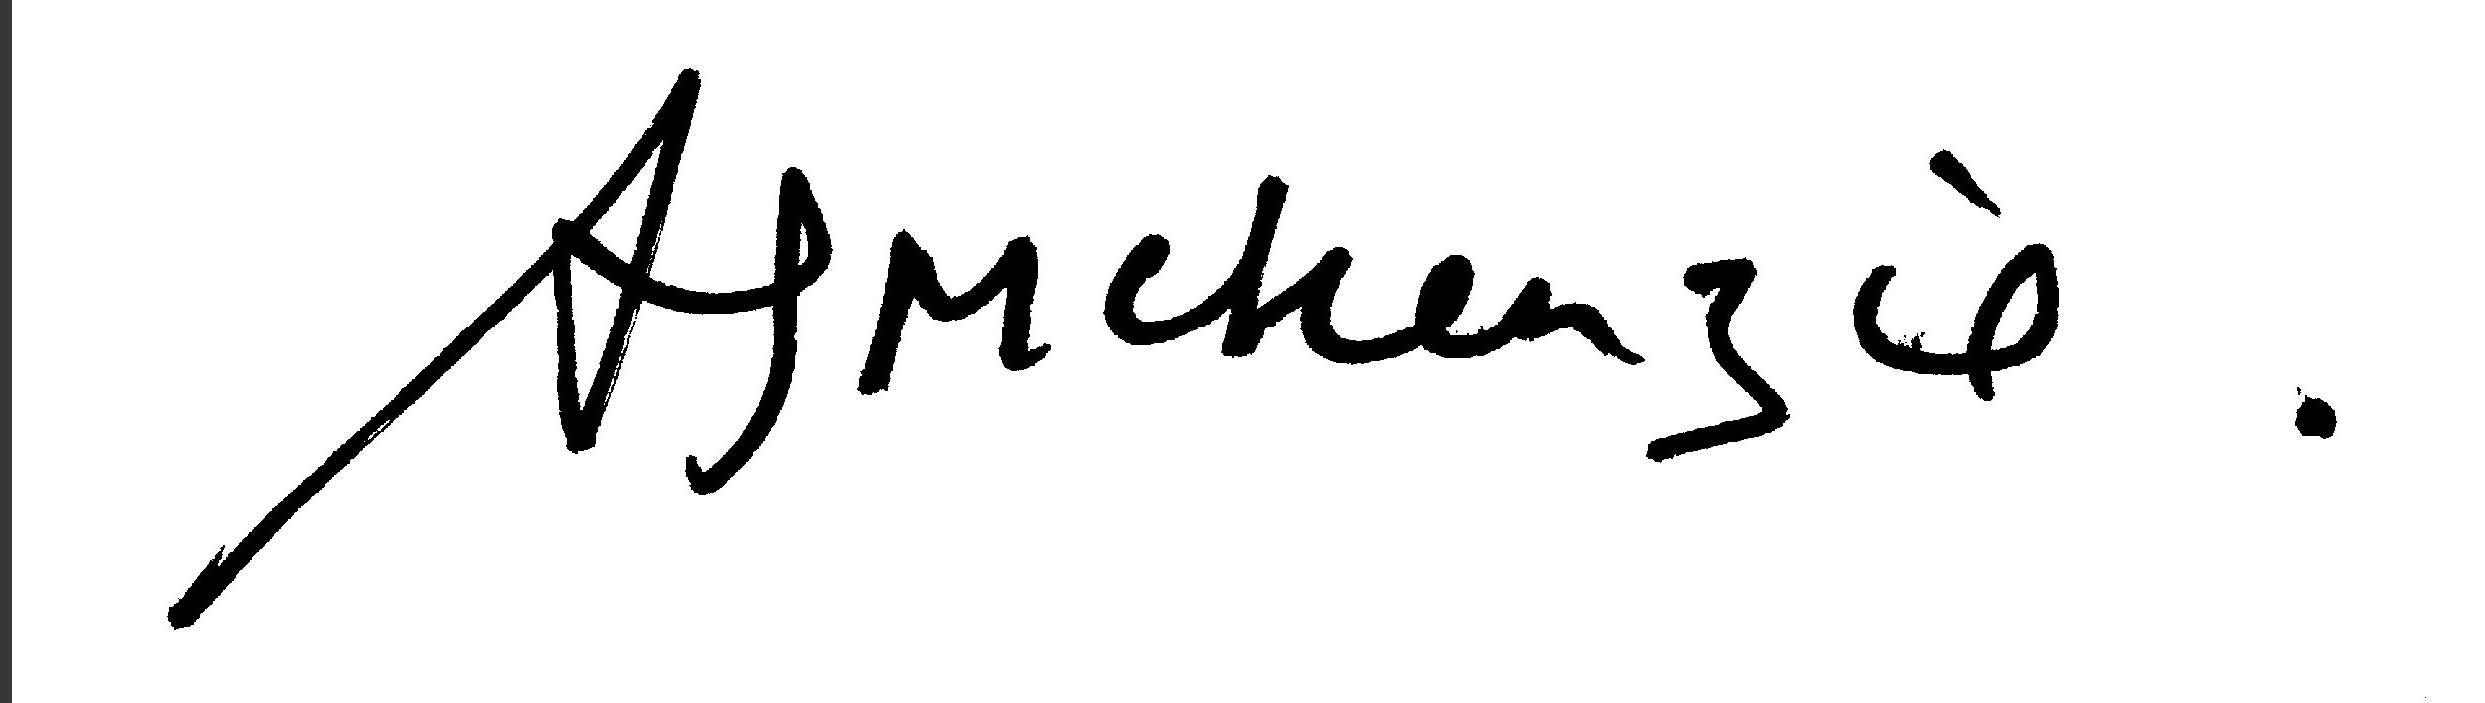 angie Mckenzie's Signature